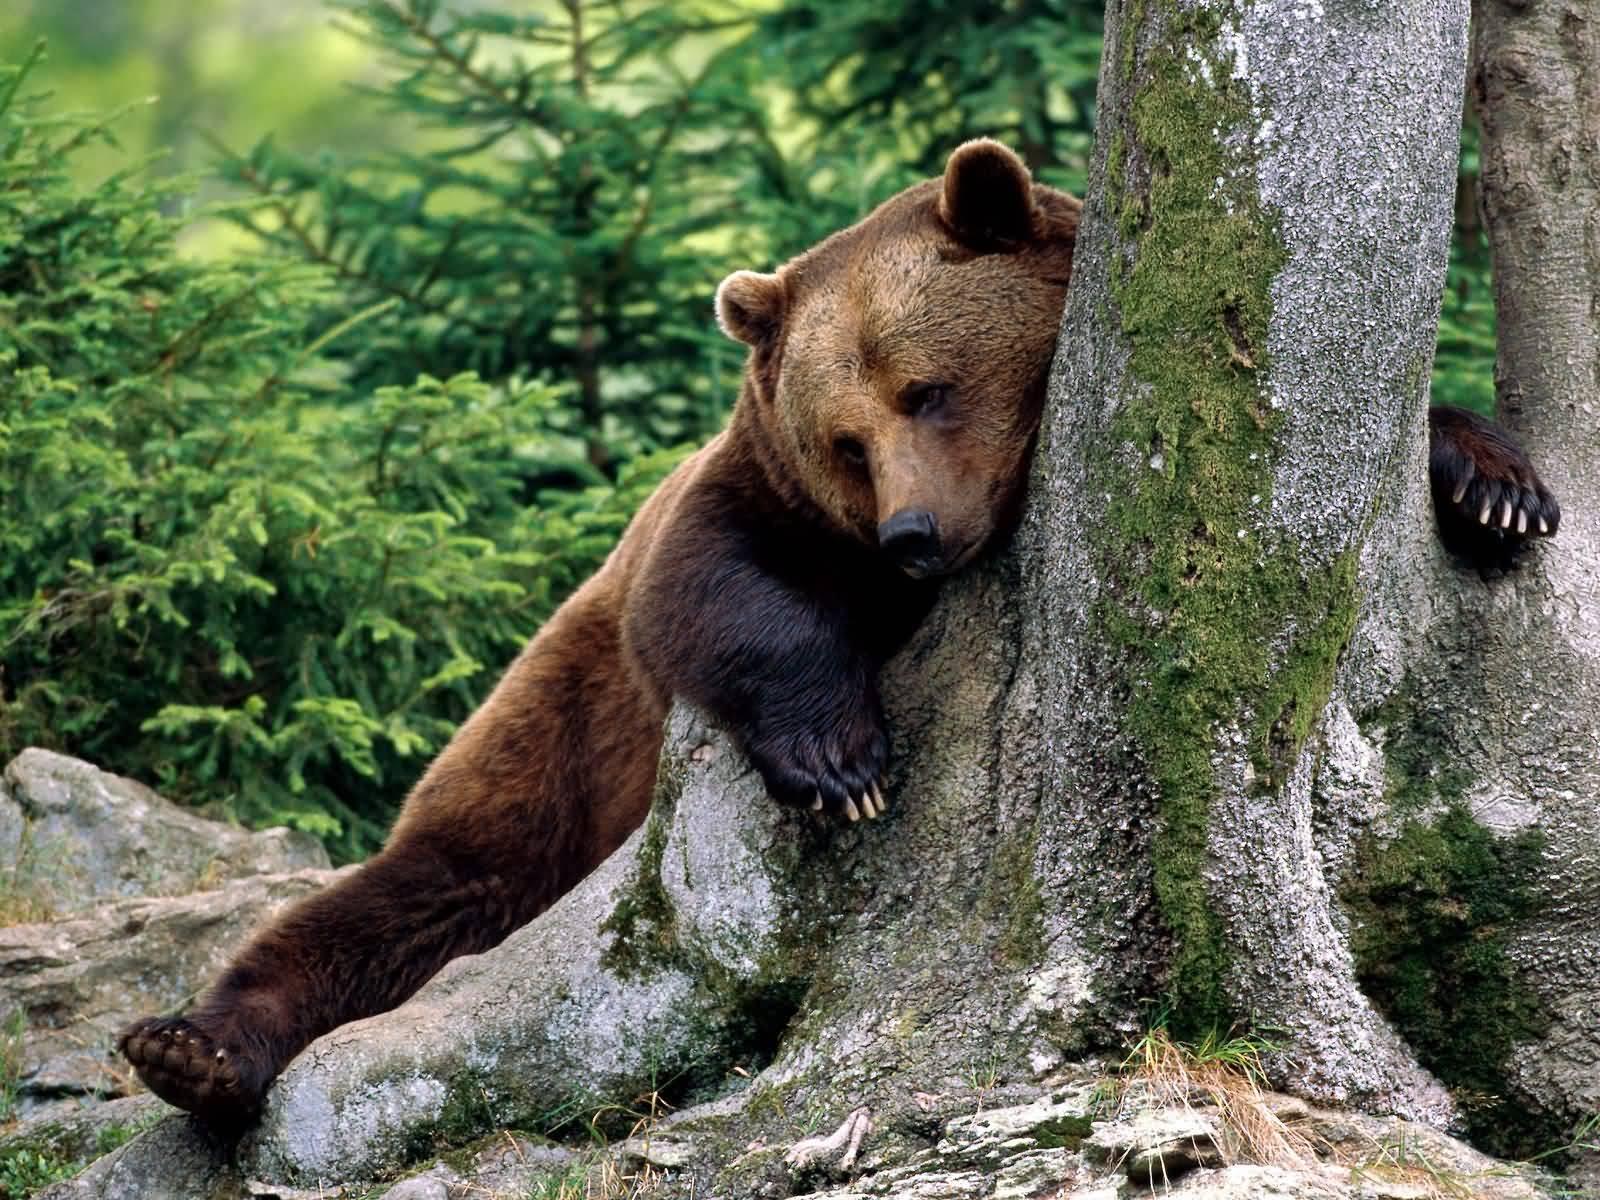 http://1.bp.blogspot.com/_1GkCvCvyjAg/TN7kypNaqvI/AAAAAAAAABg/duUqguL3-vM/s1600/Rest_Stop_Brown_Bear-1600x1200.jpg